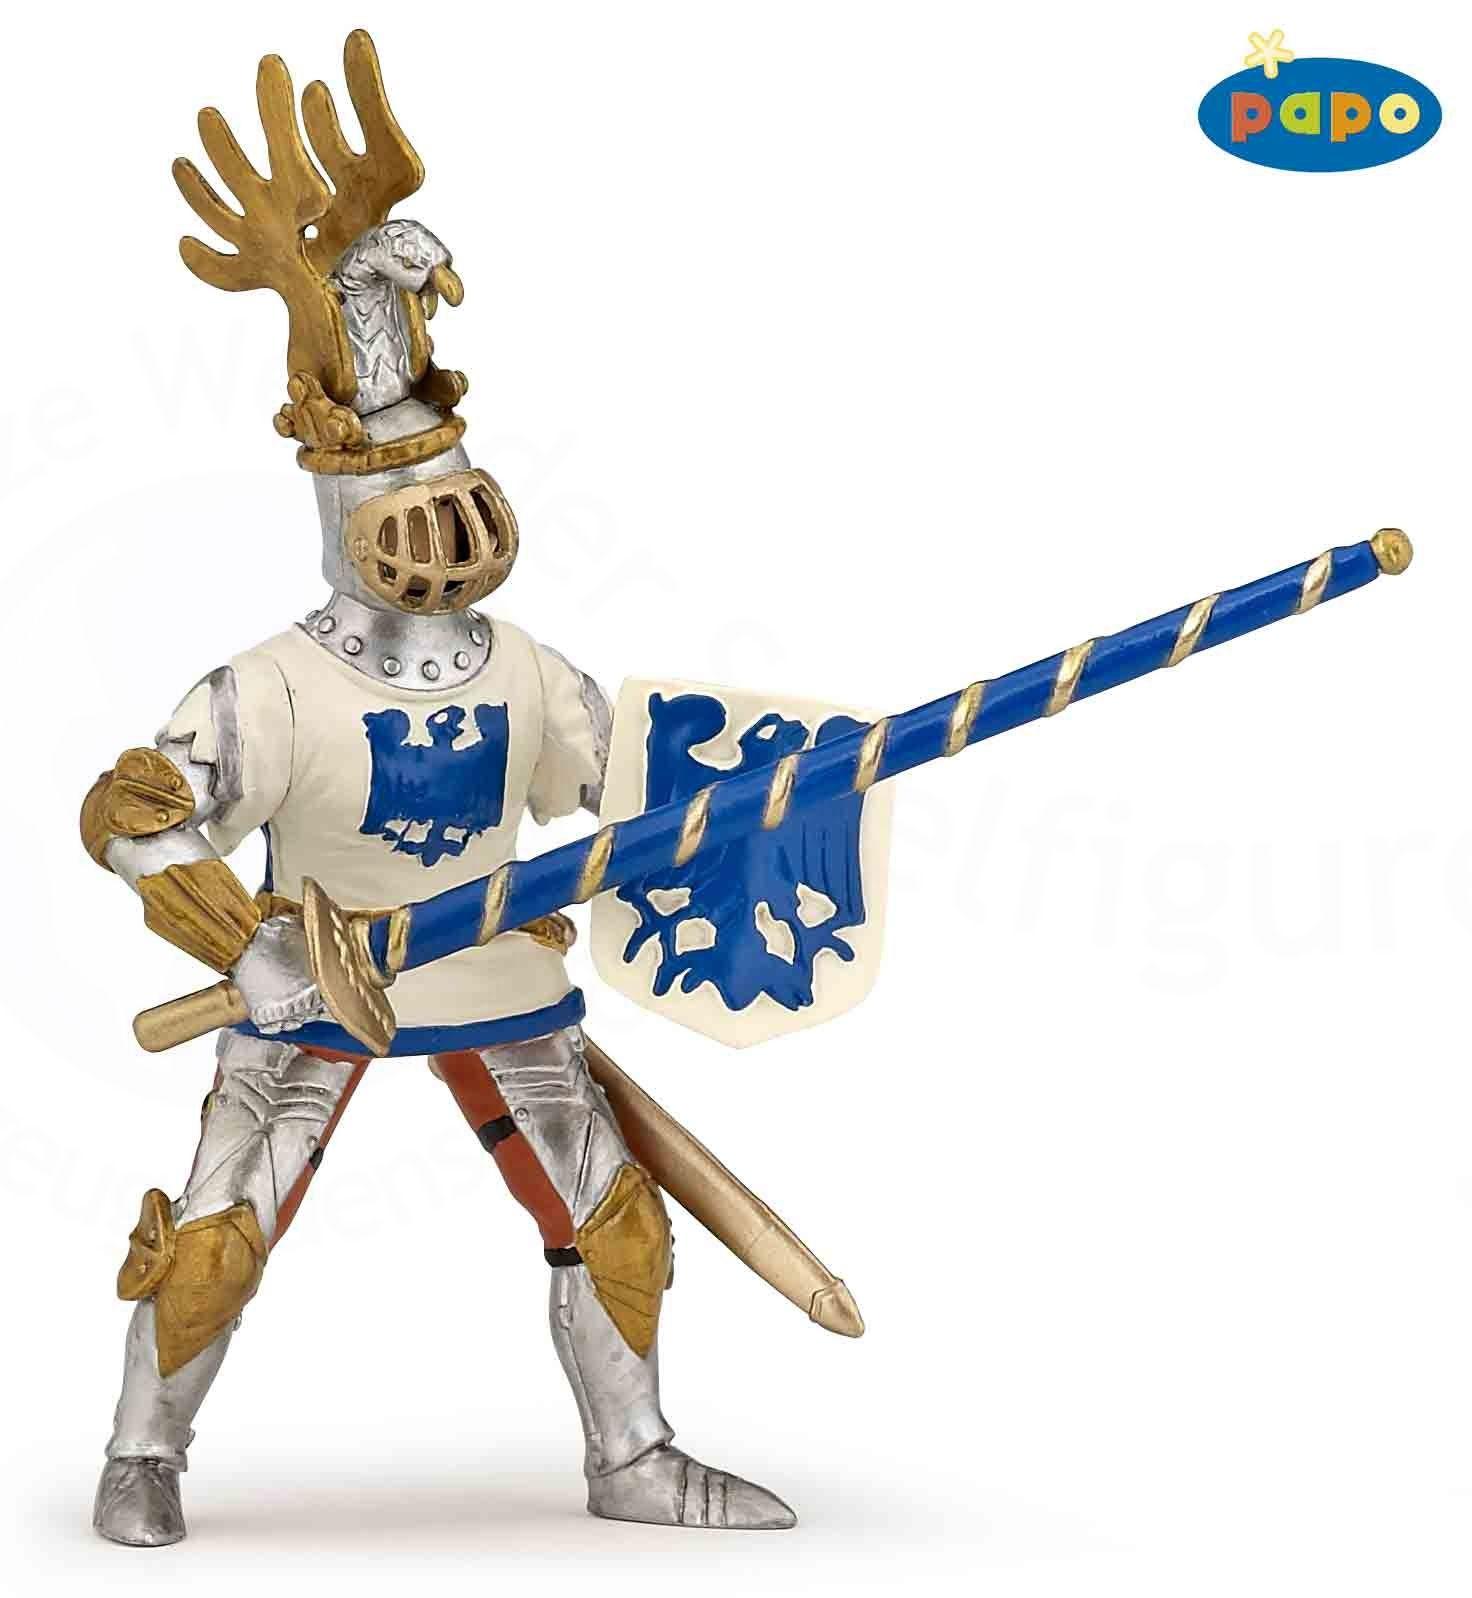 Рыцарь Вильям - Замки, рыцари, крепости, пираты, артикул: 82578